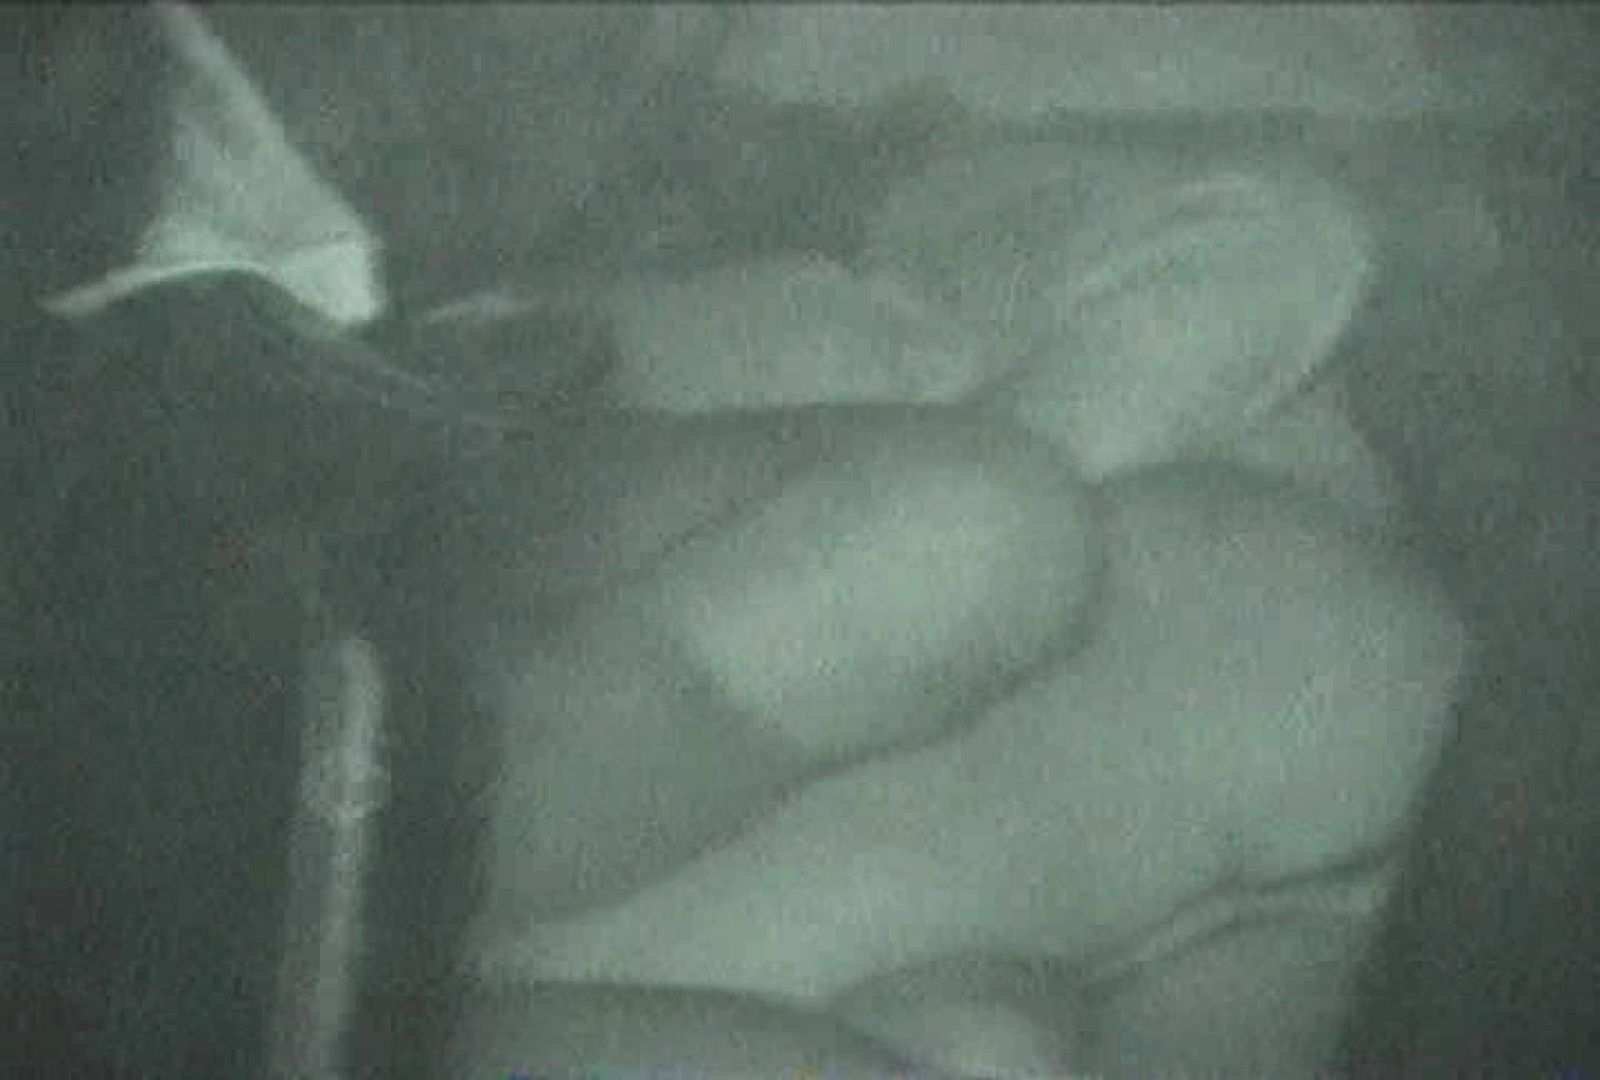 充血監督の深夜の運動会Vol.97 カップル ワレメ動画紹介 86画像 43